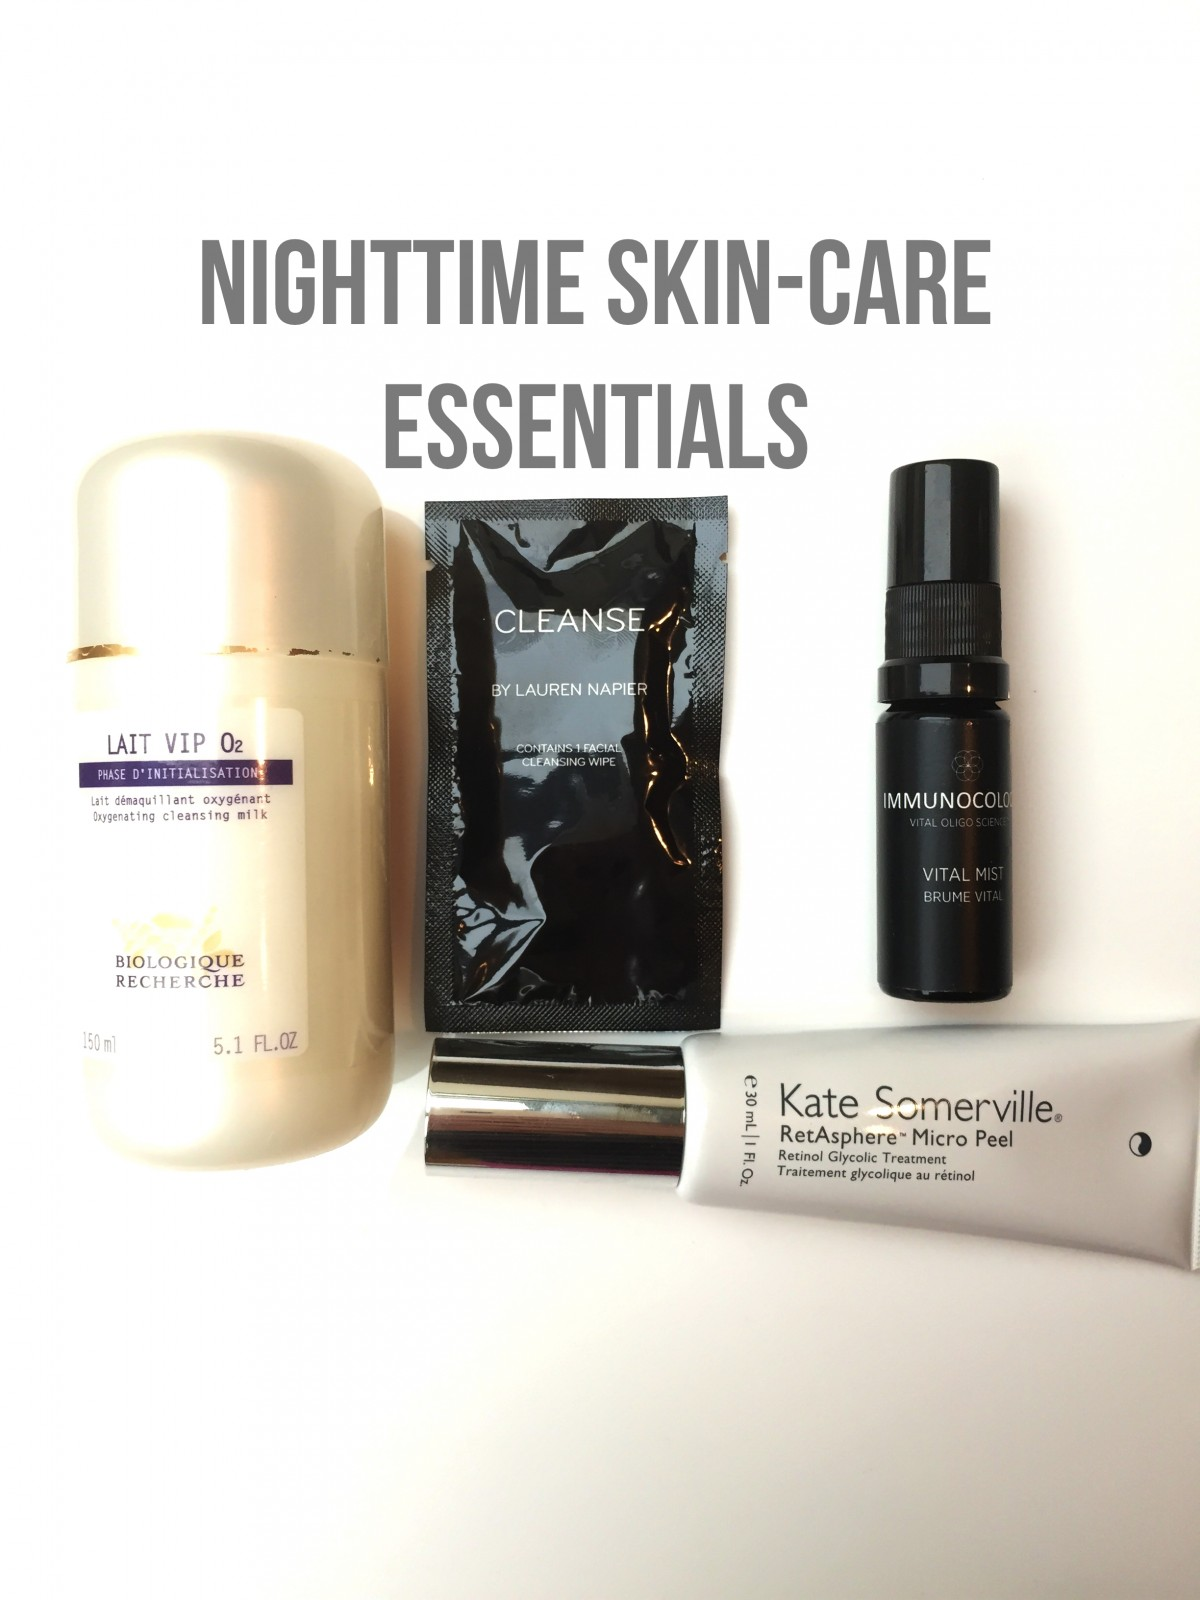 My Nighttime Skin-Care Essentials